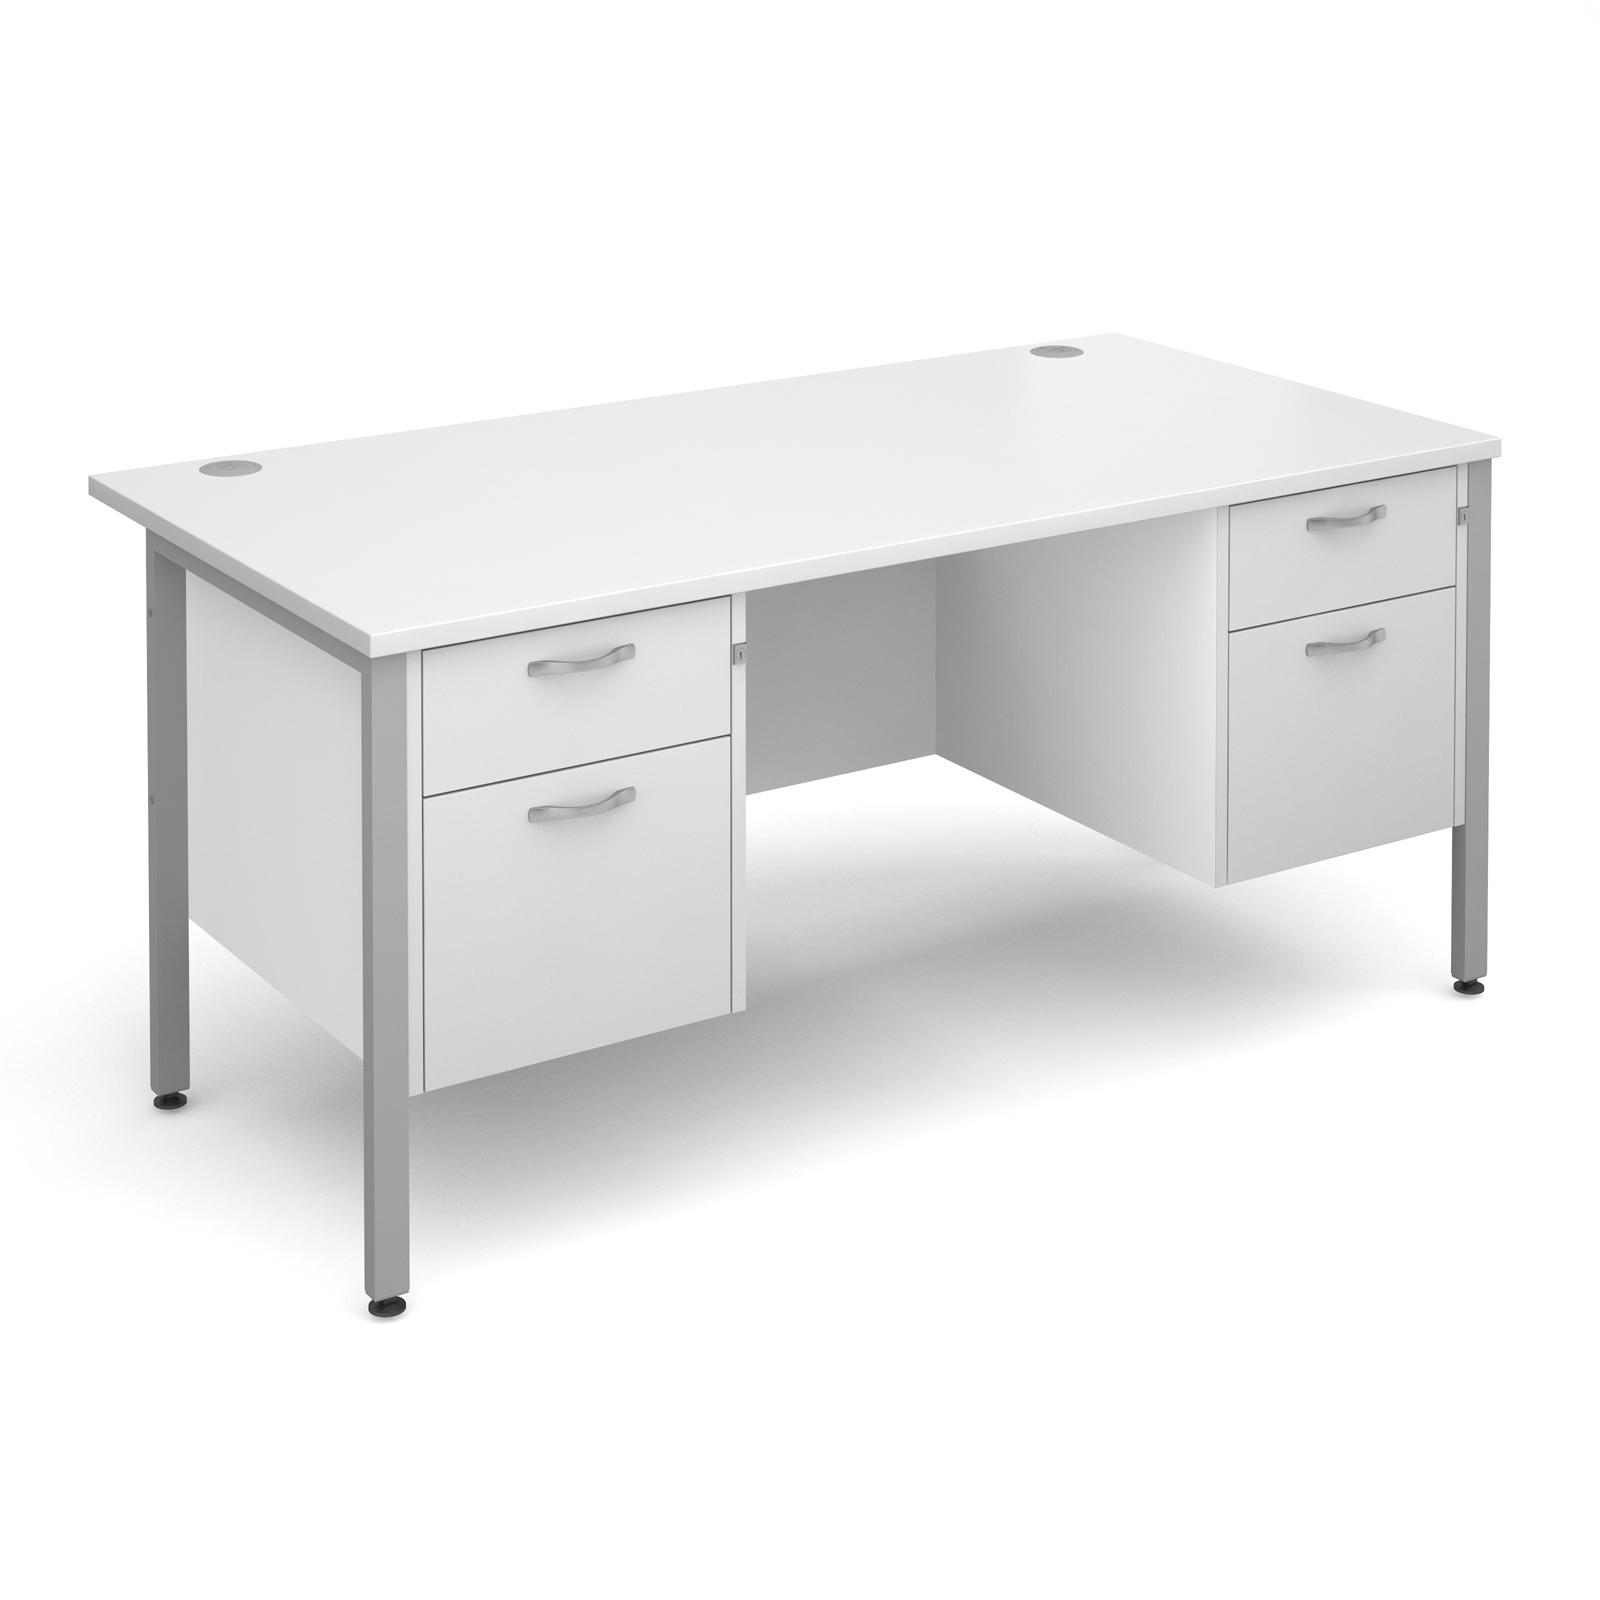 Active M25 SHL Straight Desk   Double Pedestal